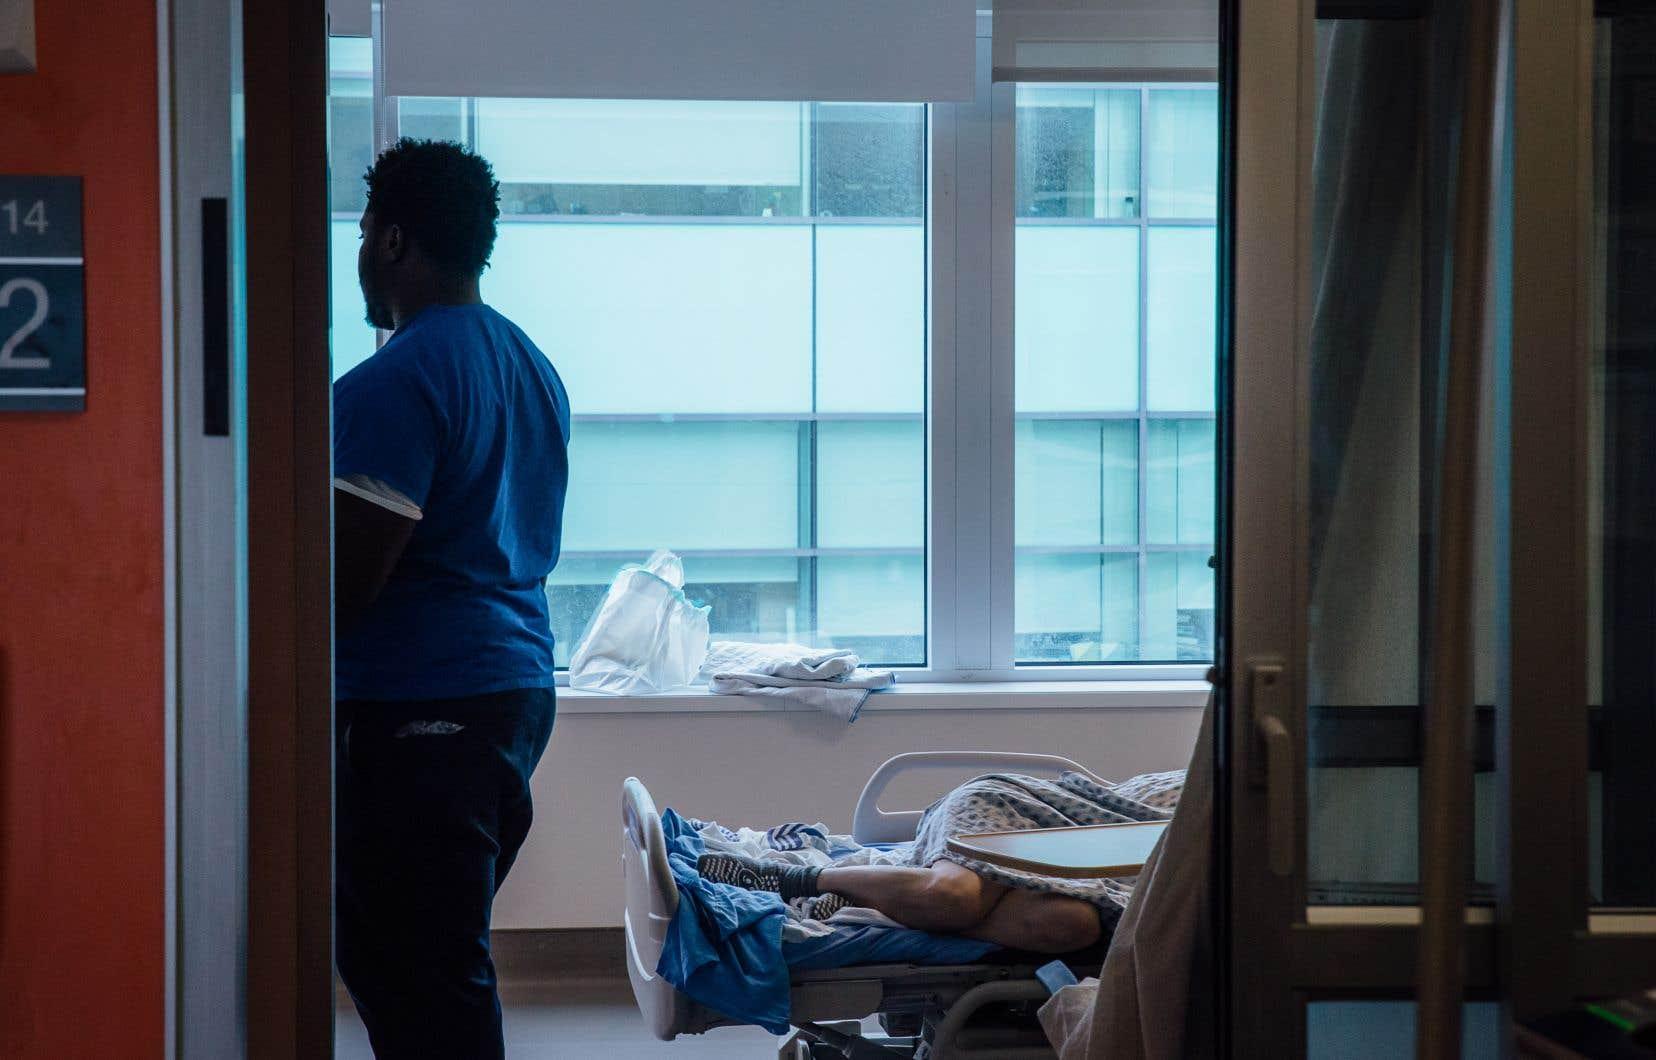 Le projetd de loimet en place deux voies d'admissibilité à cette aide: l'une qui permettrait aux personnes proches de la mort de recevoir l'aide médicale à mourir, l'autre imposant des critères plus restrictifs aux personnes qui n'en sont pas là.